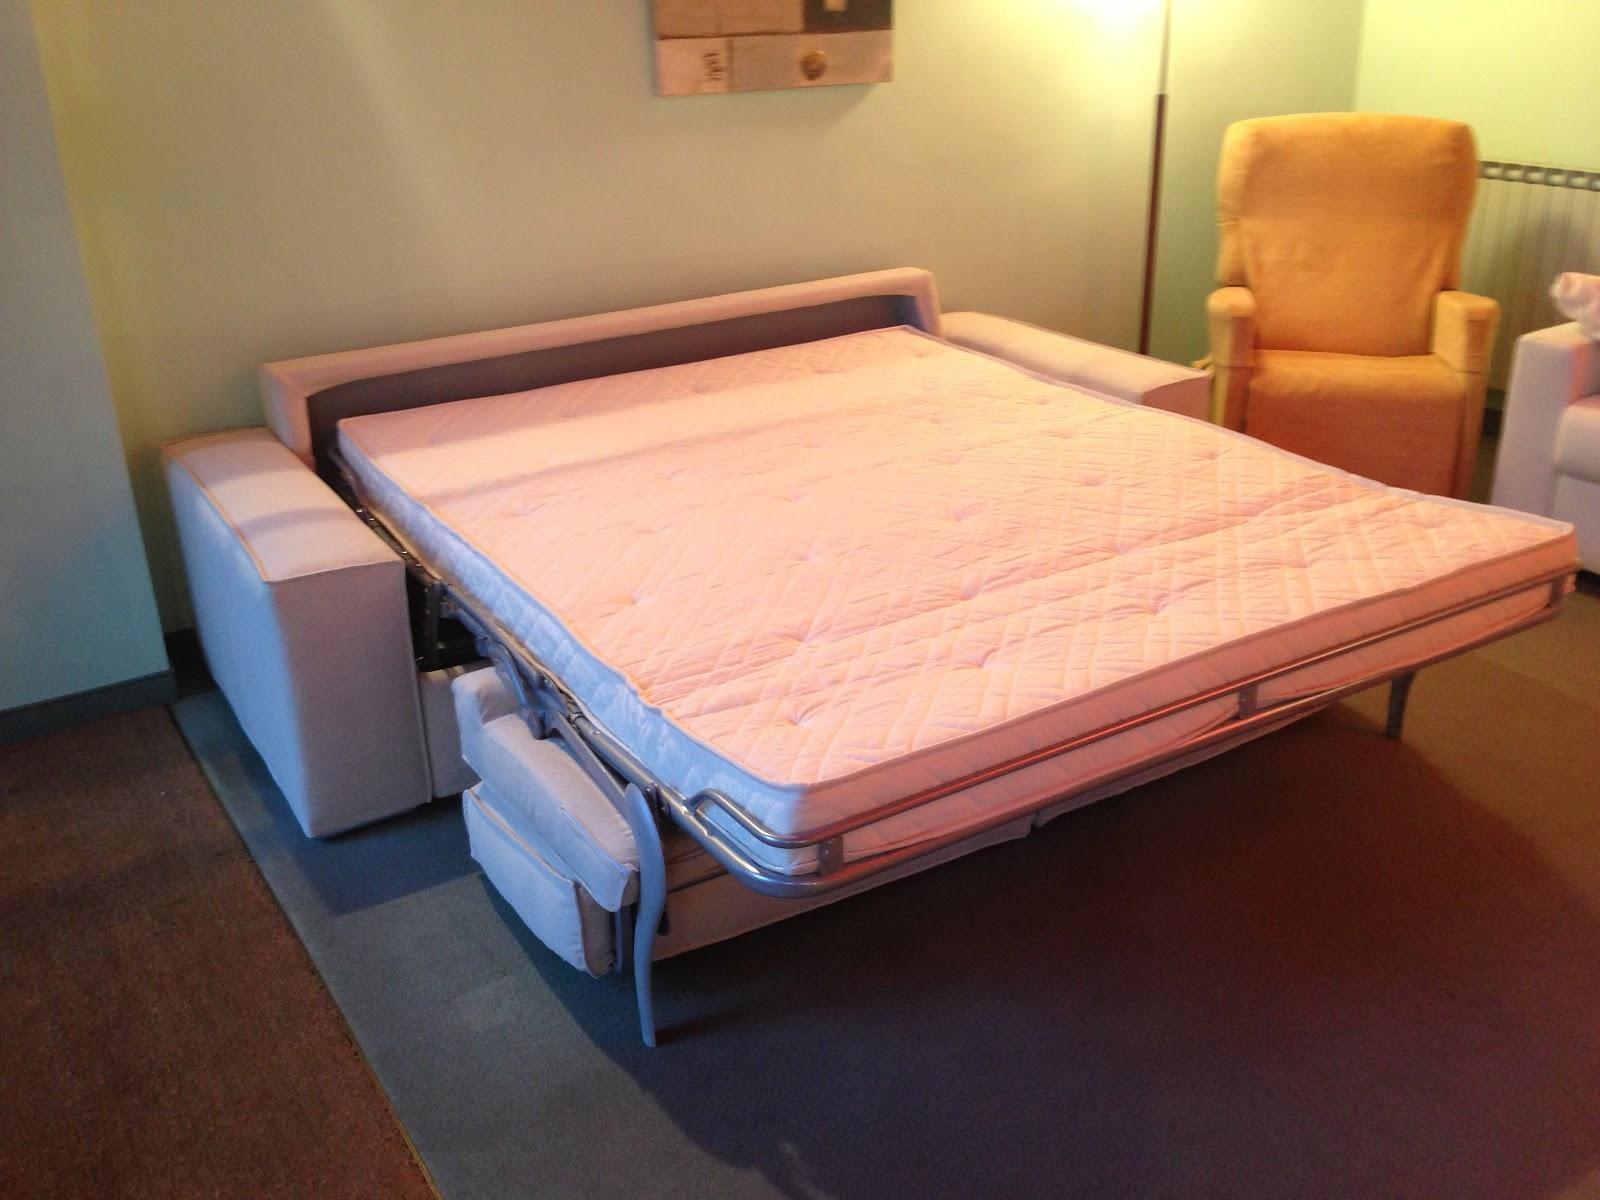 Vendo divano letto milano divano letto moderno top lops - Cerco divano letto ...